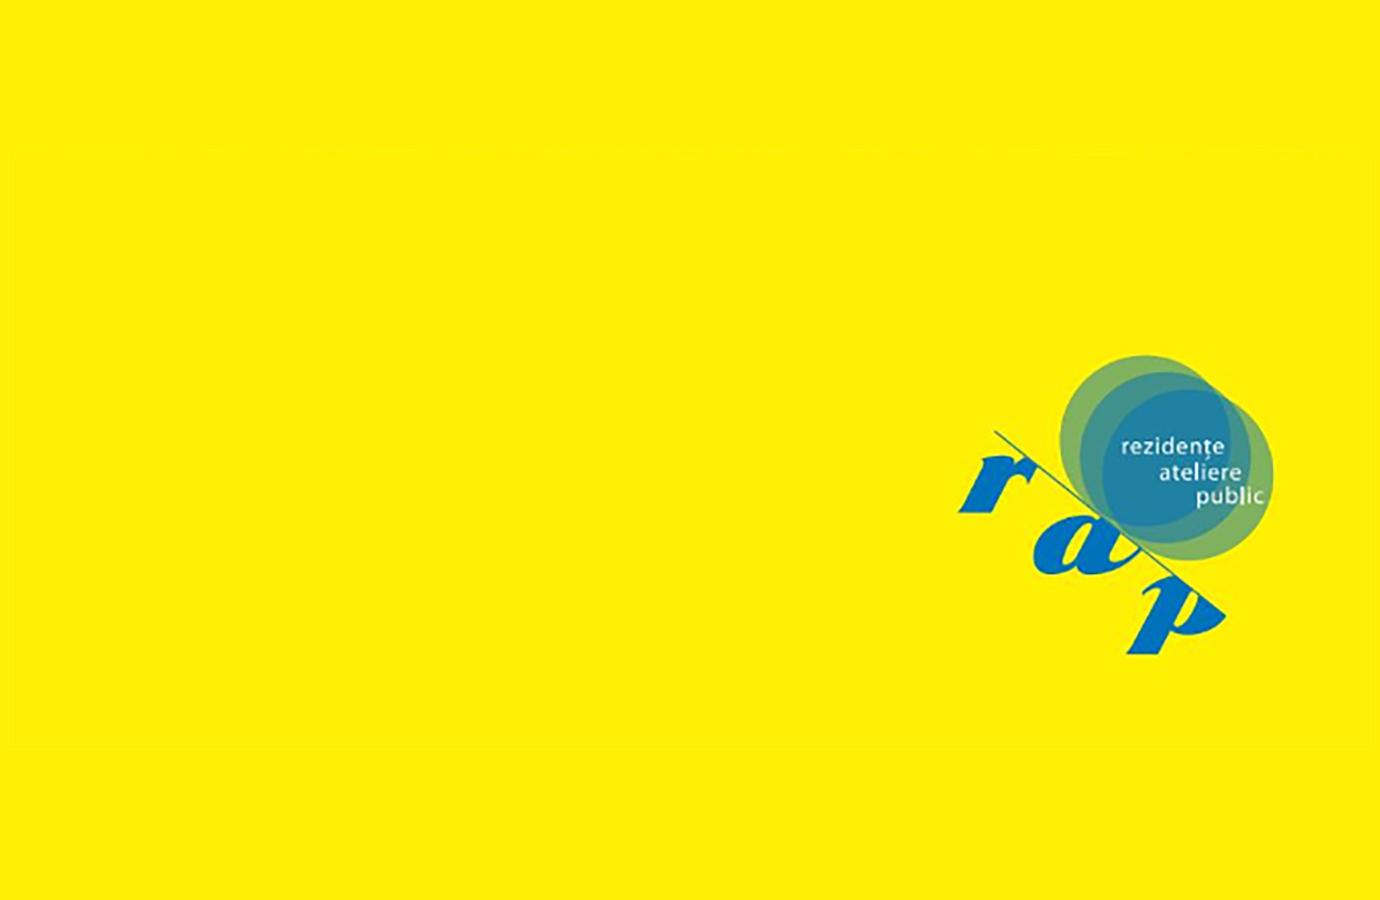 Prezentările RAP –rezidențe, ateliere, public la București